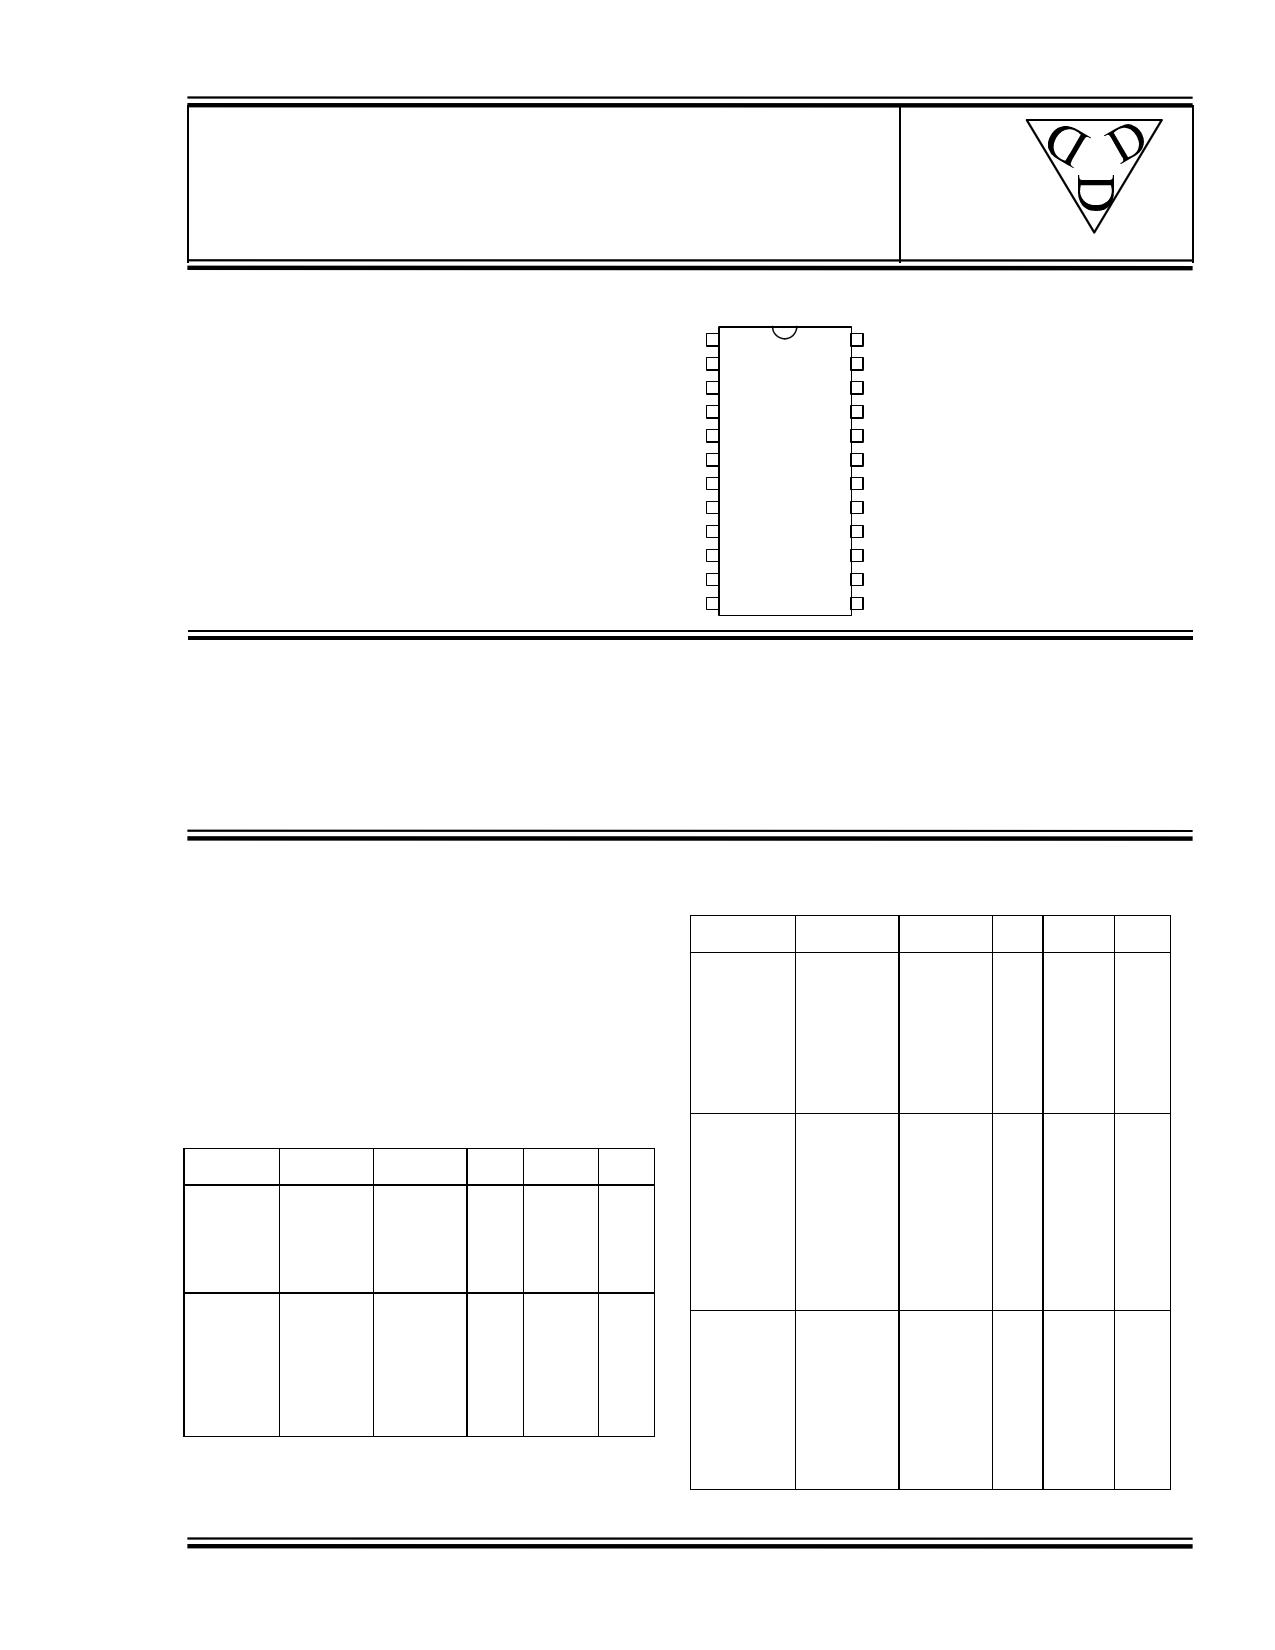 2214-300G Datasheet, 2214-300G PDF,ピン配置, 機能